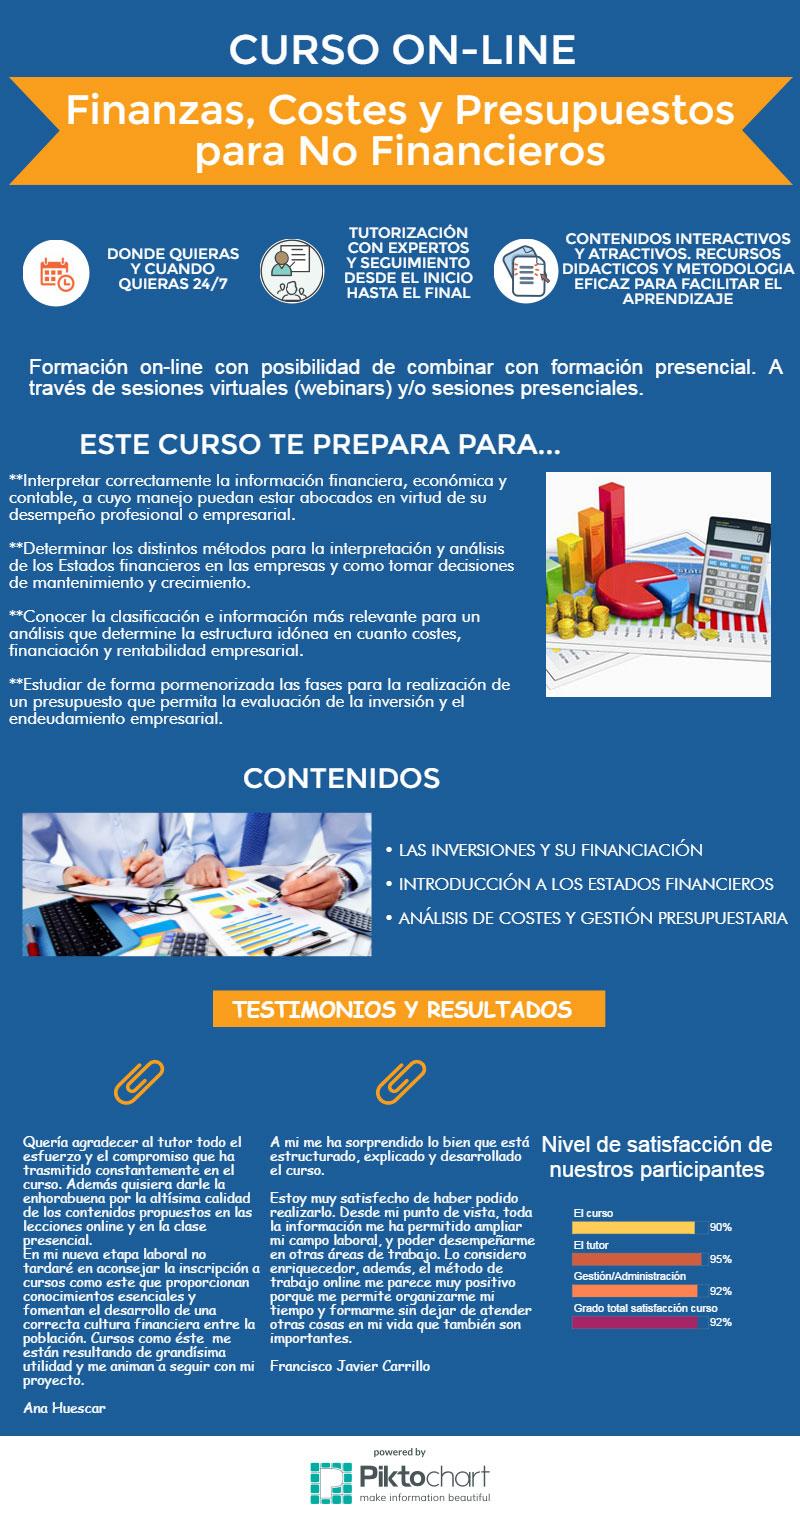 info_finanzas-no-financiero